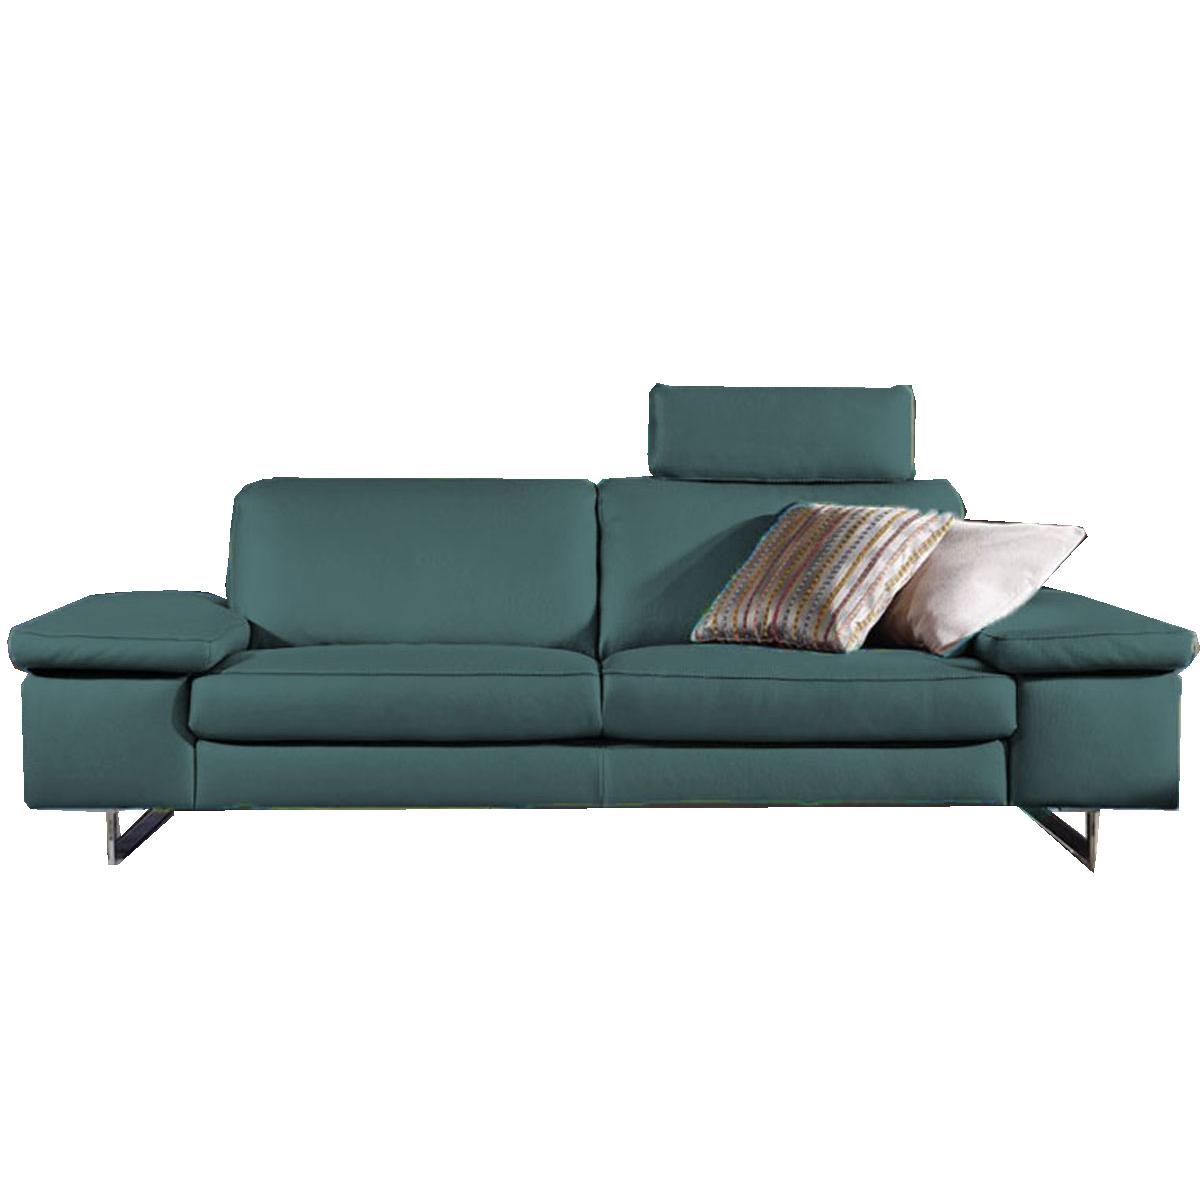 Full Size of 3er Sofa 5994d06e707a8 U Form Xxl In L Creme Boxspring Esstisch Kleines Lounge Garten Grau Leder Ecksofa Rund Sofa 3er Sofa